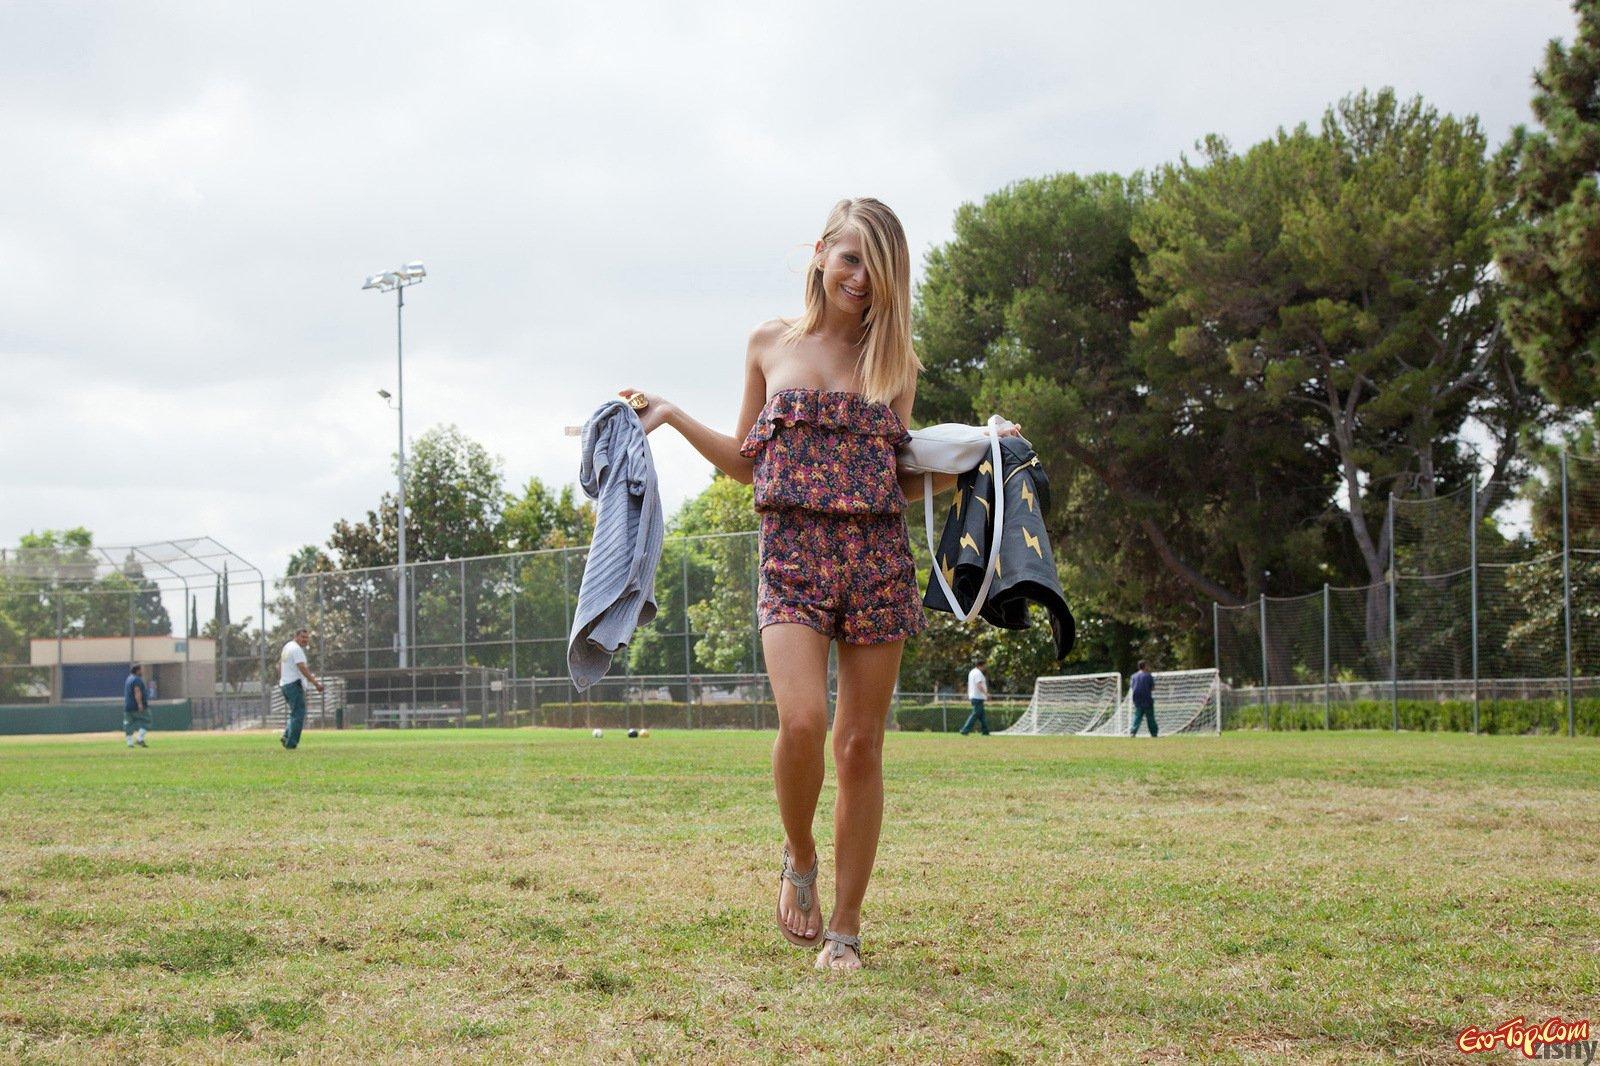 Топ-модель на футбольном поле секс фото